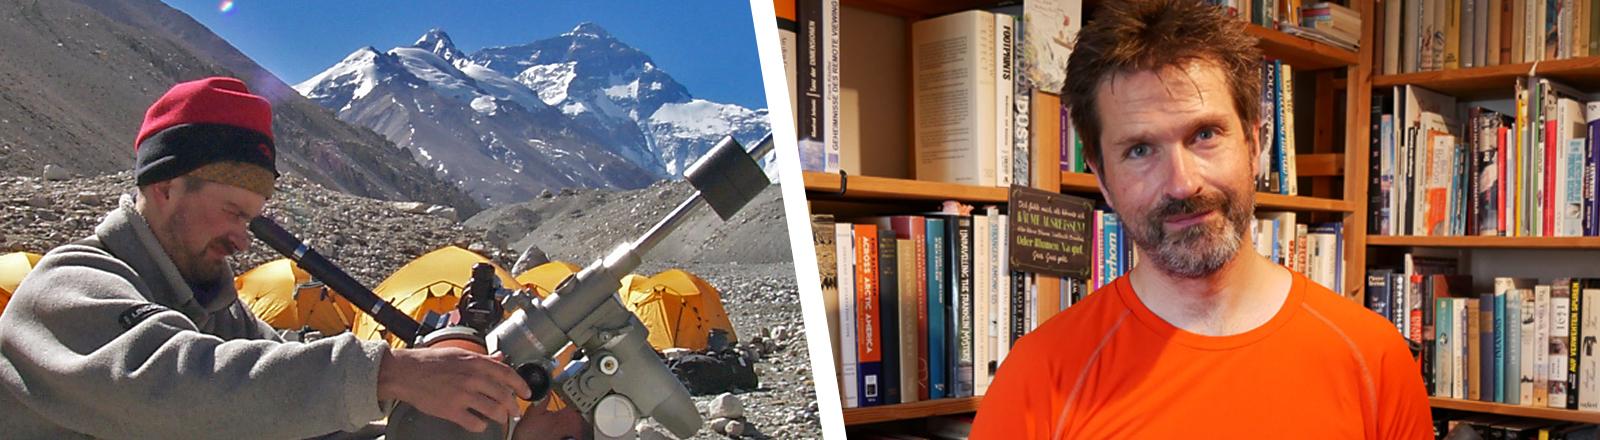 Collage von Mann auf Berg und zuhause